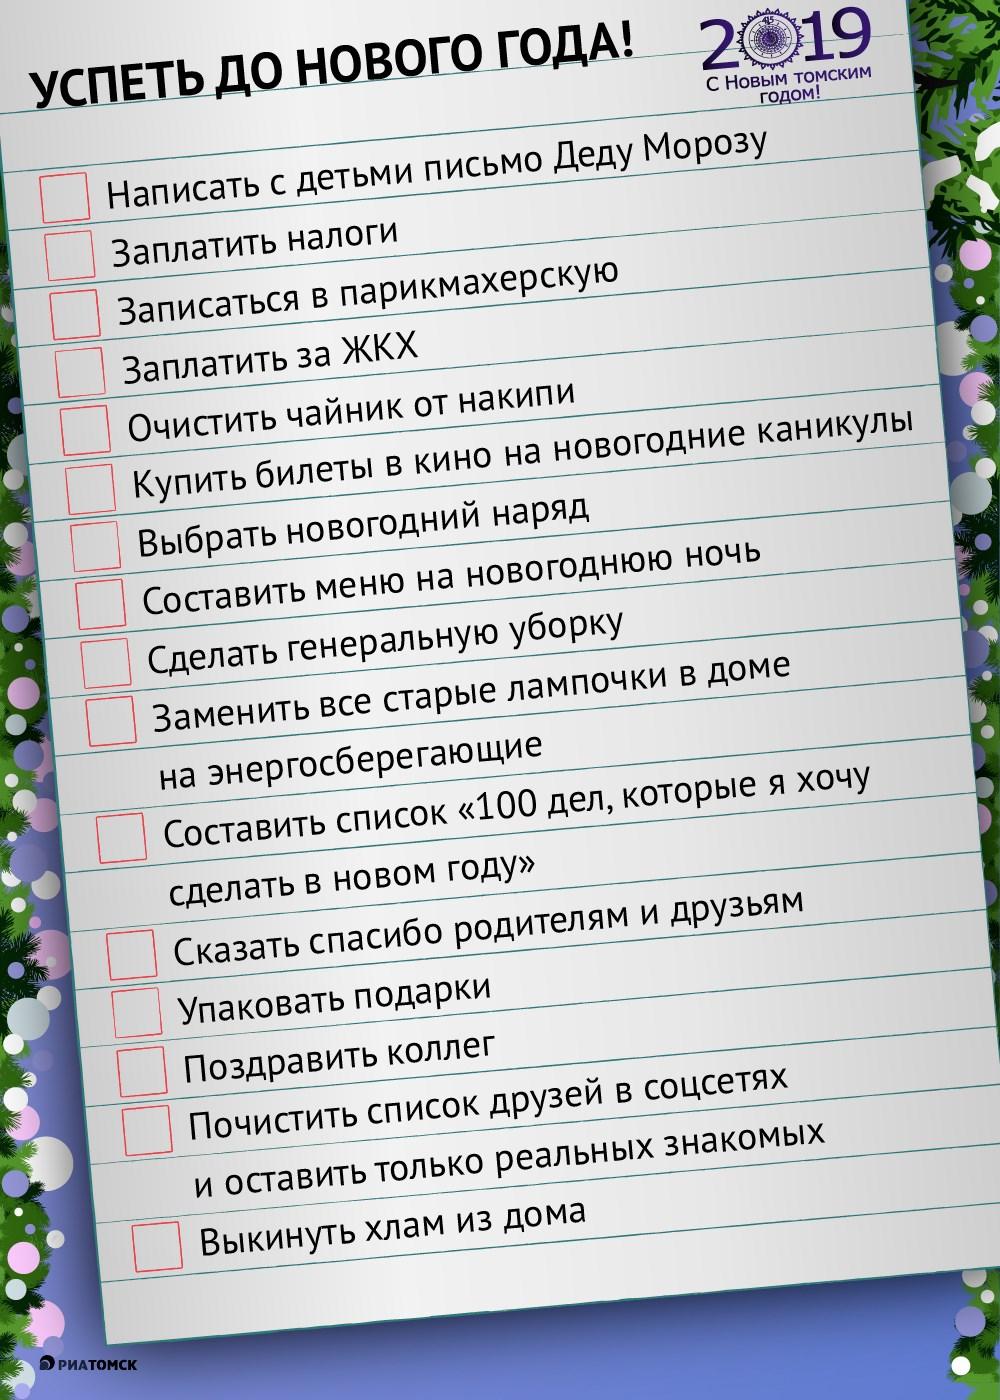 Предпраздничный чек-лист поможет томичам не забыть о важных делах в предпраздничной суматохе. Успевайте вместе с РИА Томск!